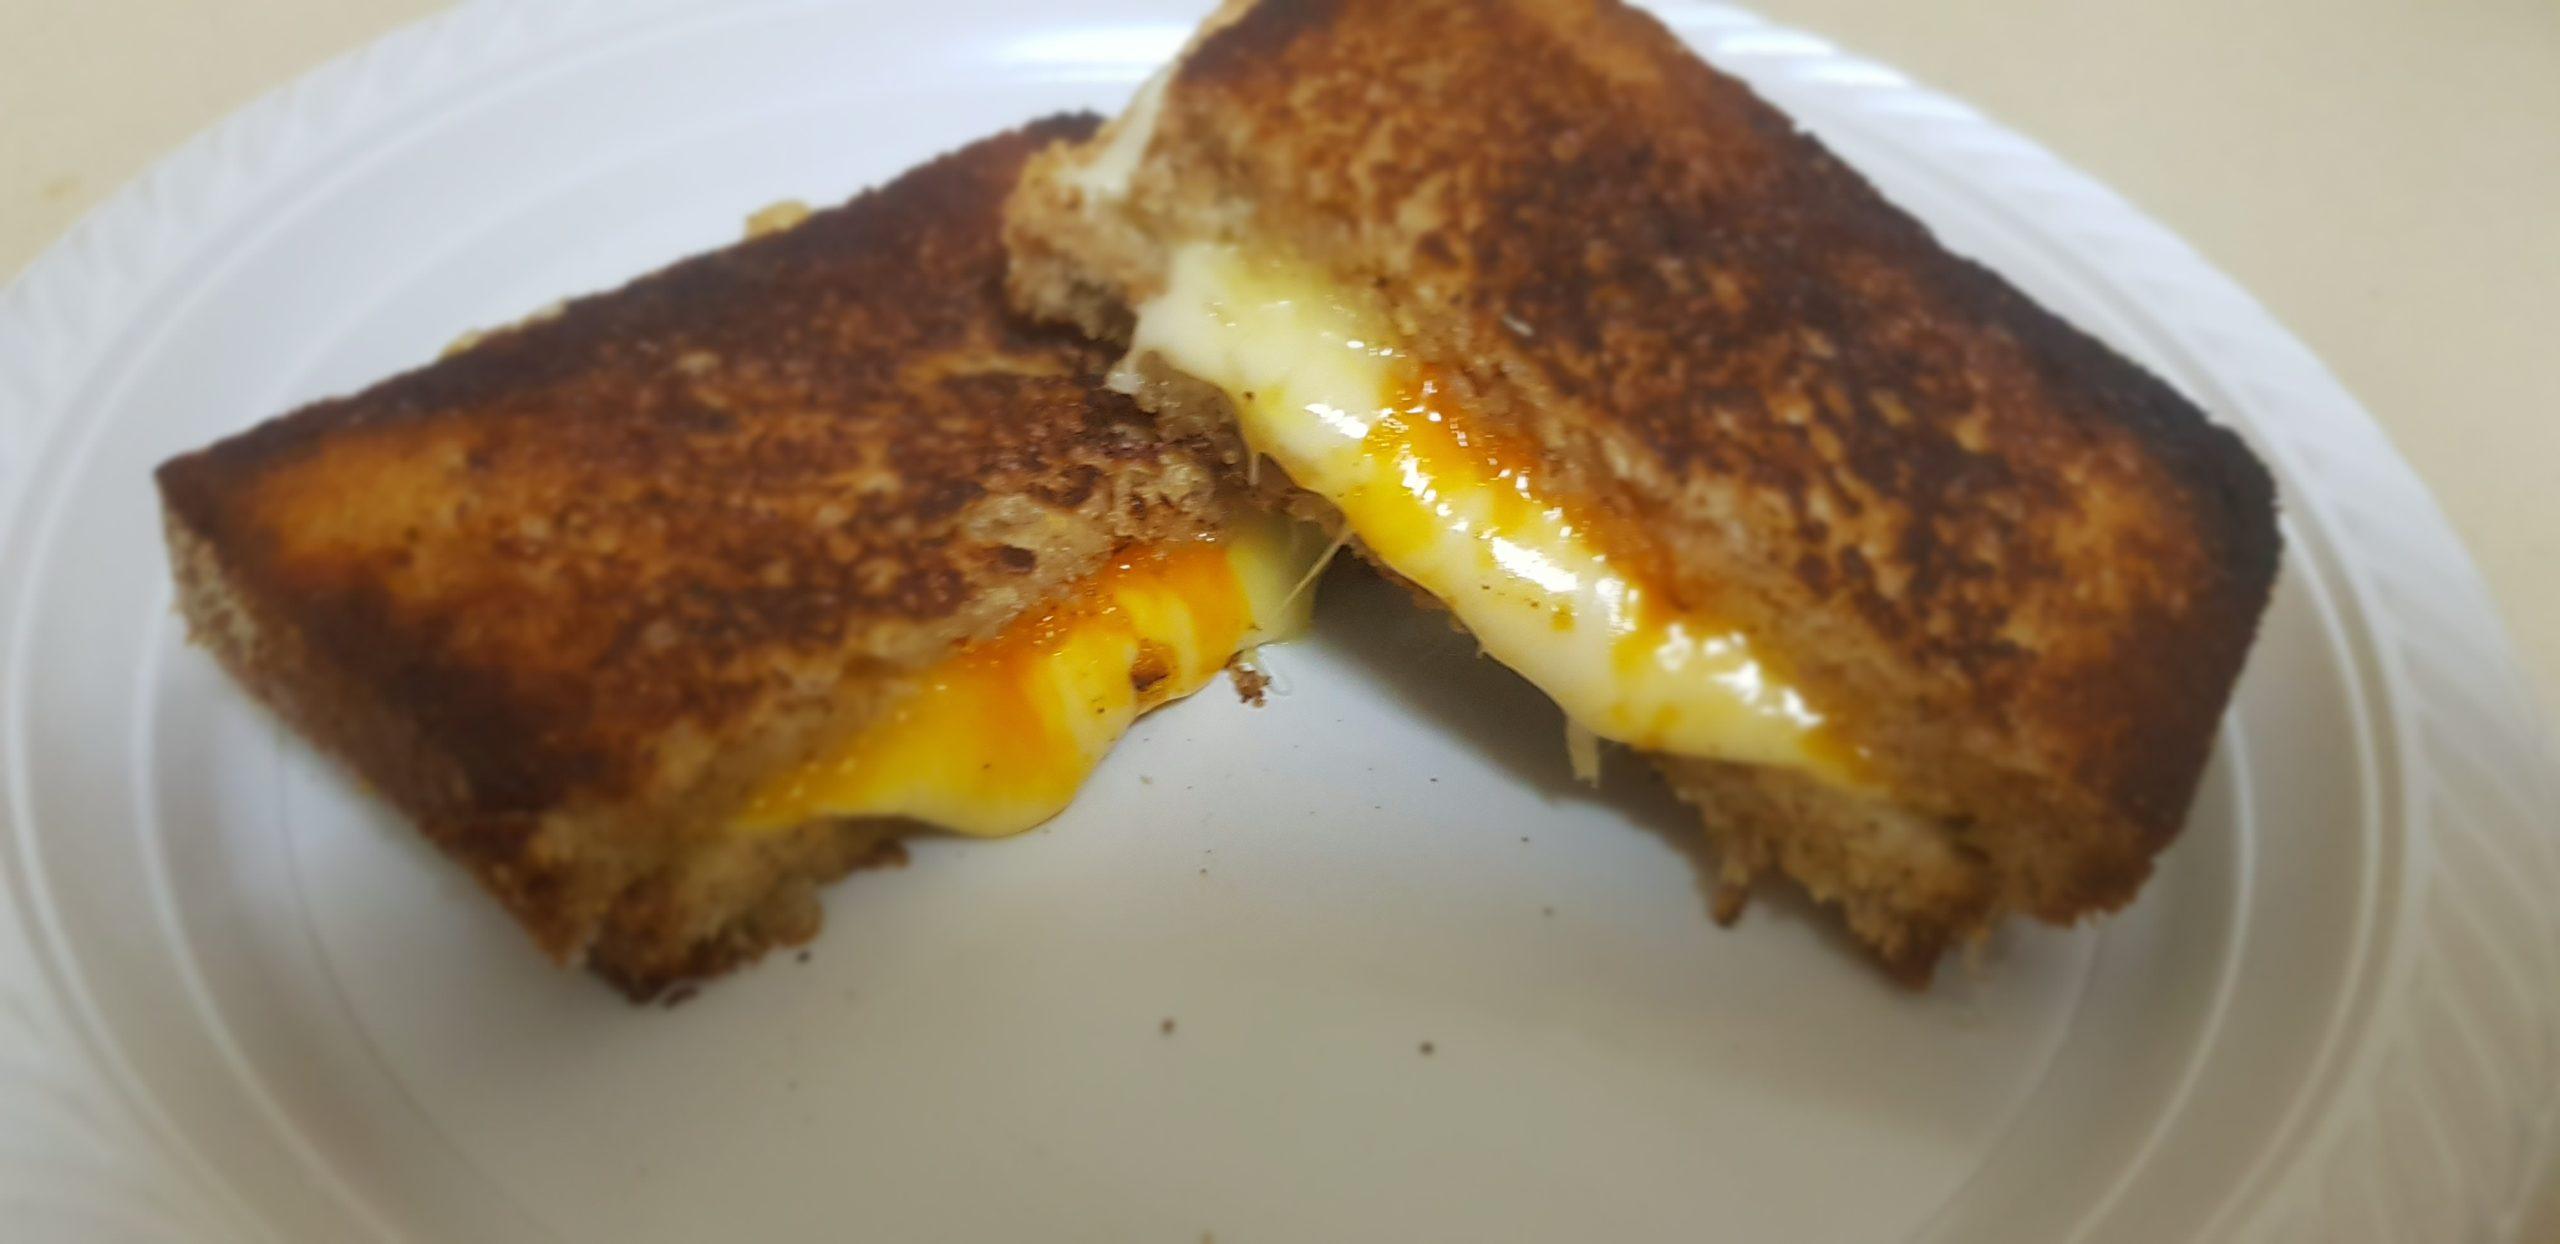 Comment faire un sandwich croquant et grillé aux deux fromages (en 5 minutes)